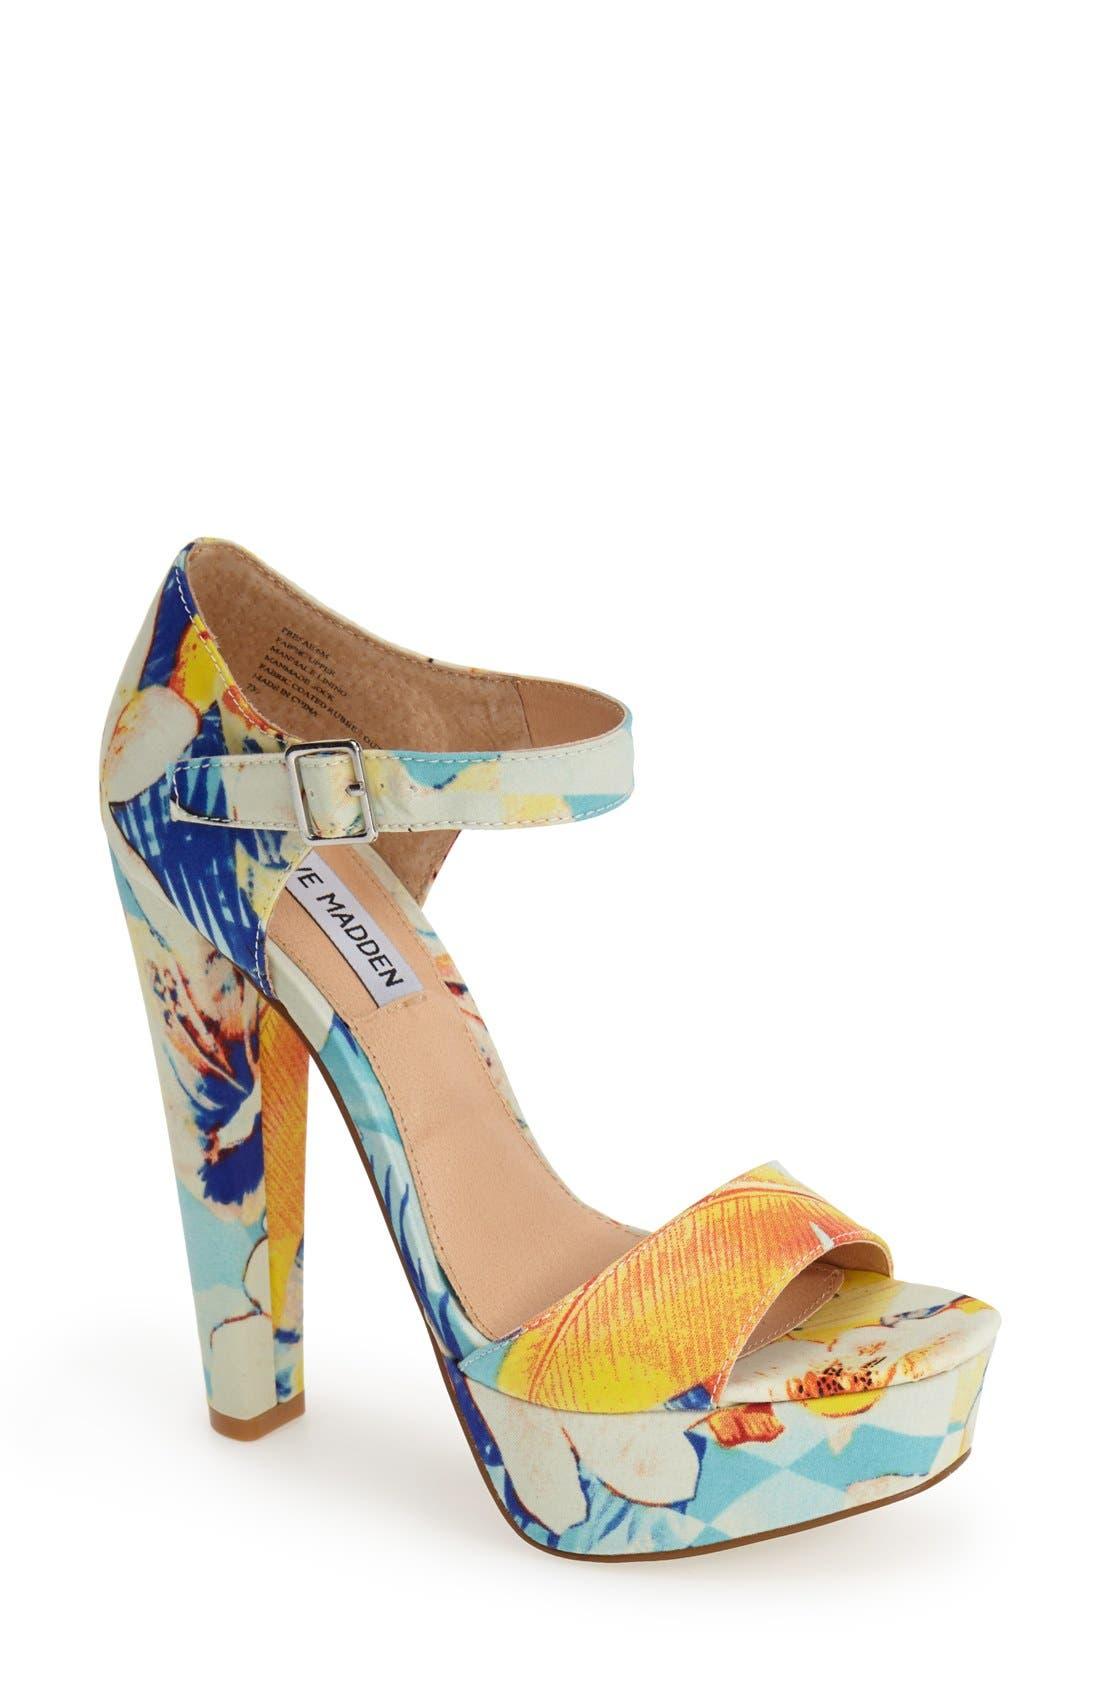 Alternate Image 1 Selected - Steve Madden 'Presae' Platform Sandal (Women)